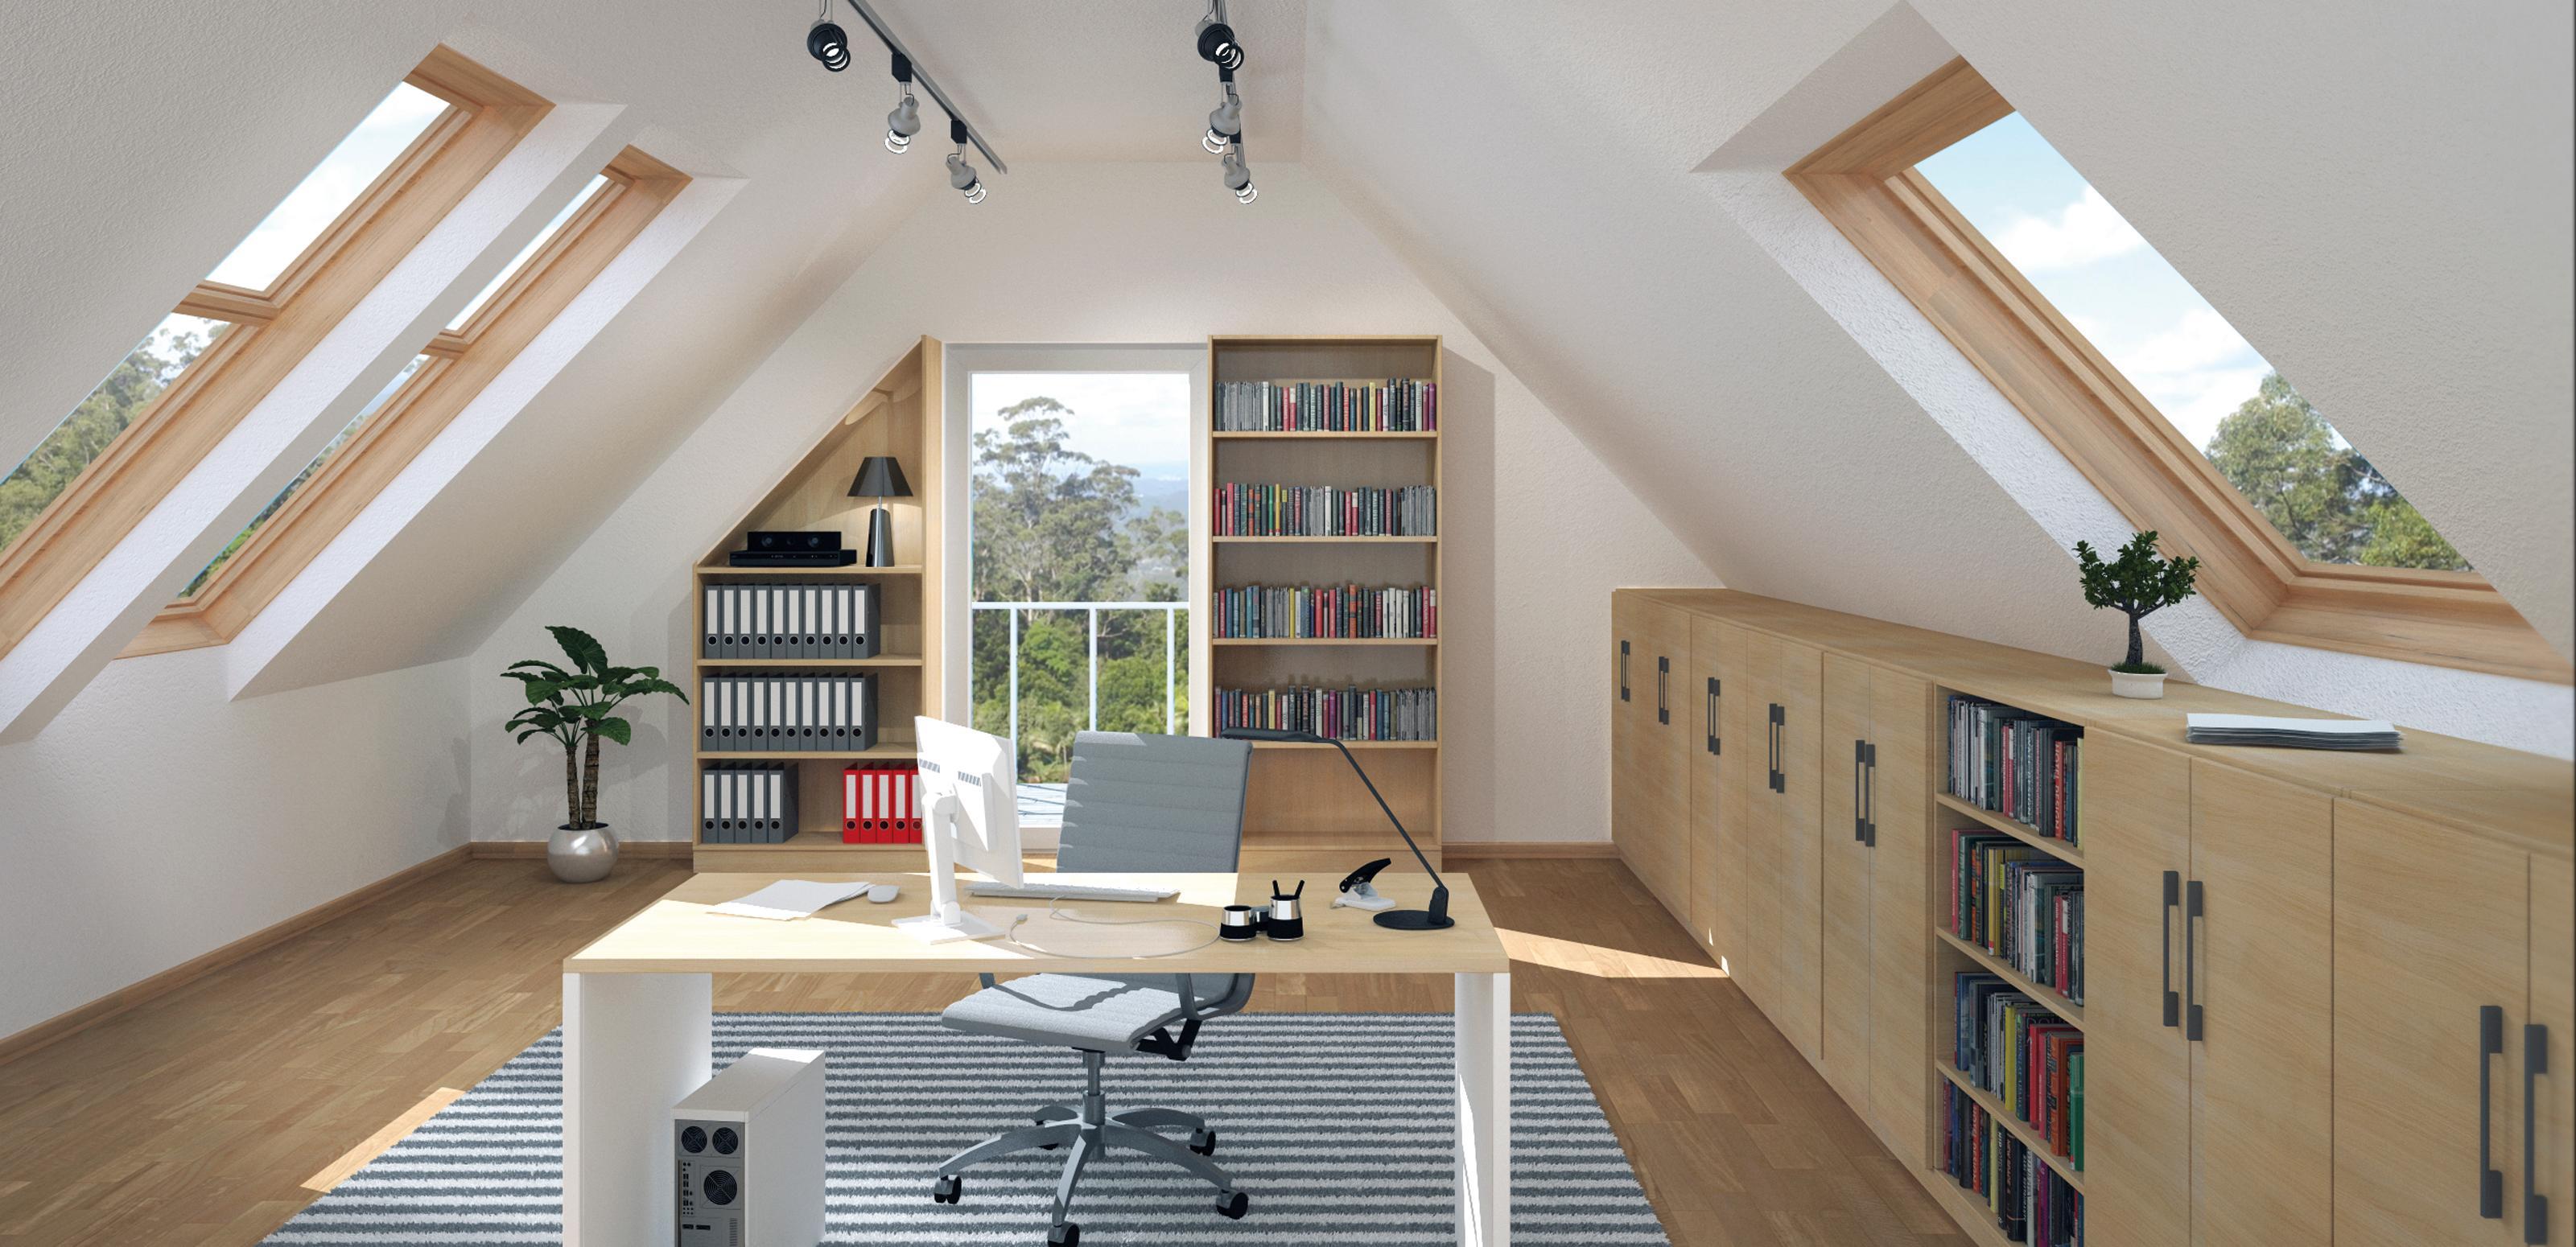 Küchen Mit Dachschräge Geschickt Einrichten. Wohnung Einrichten